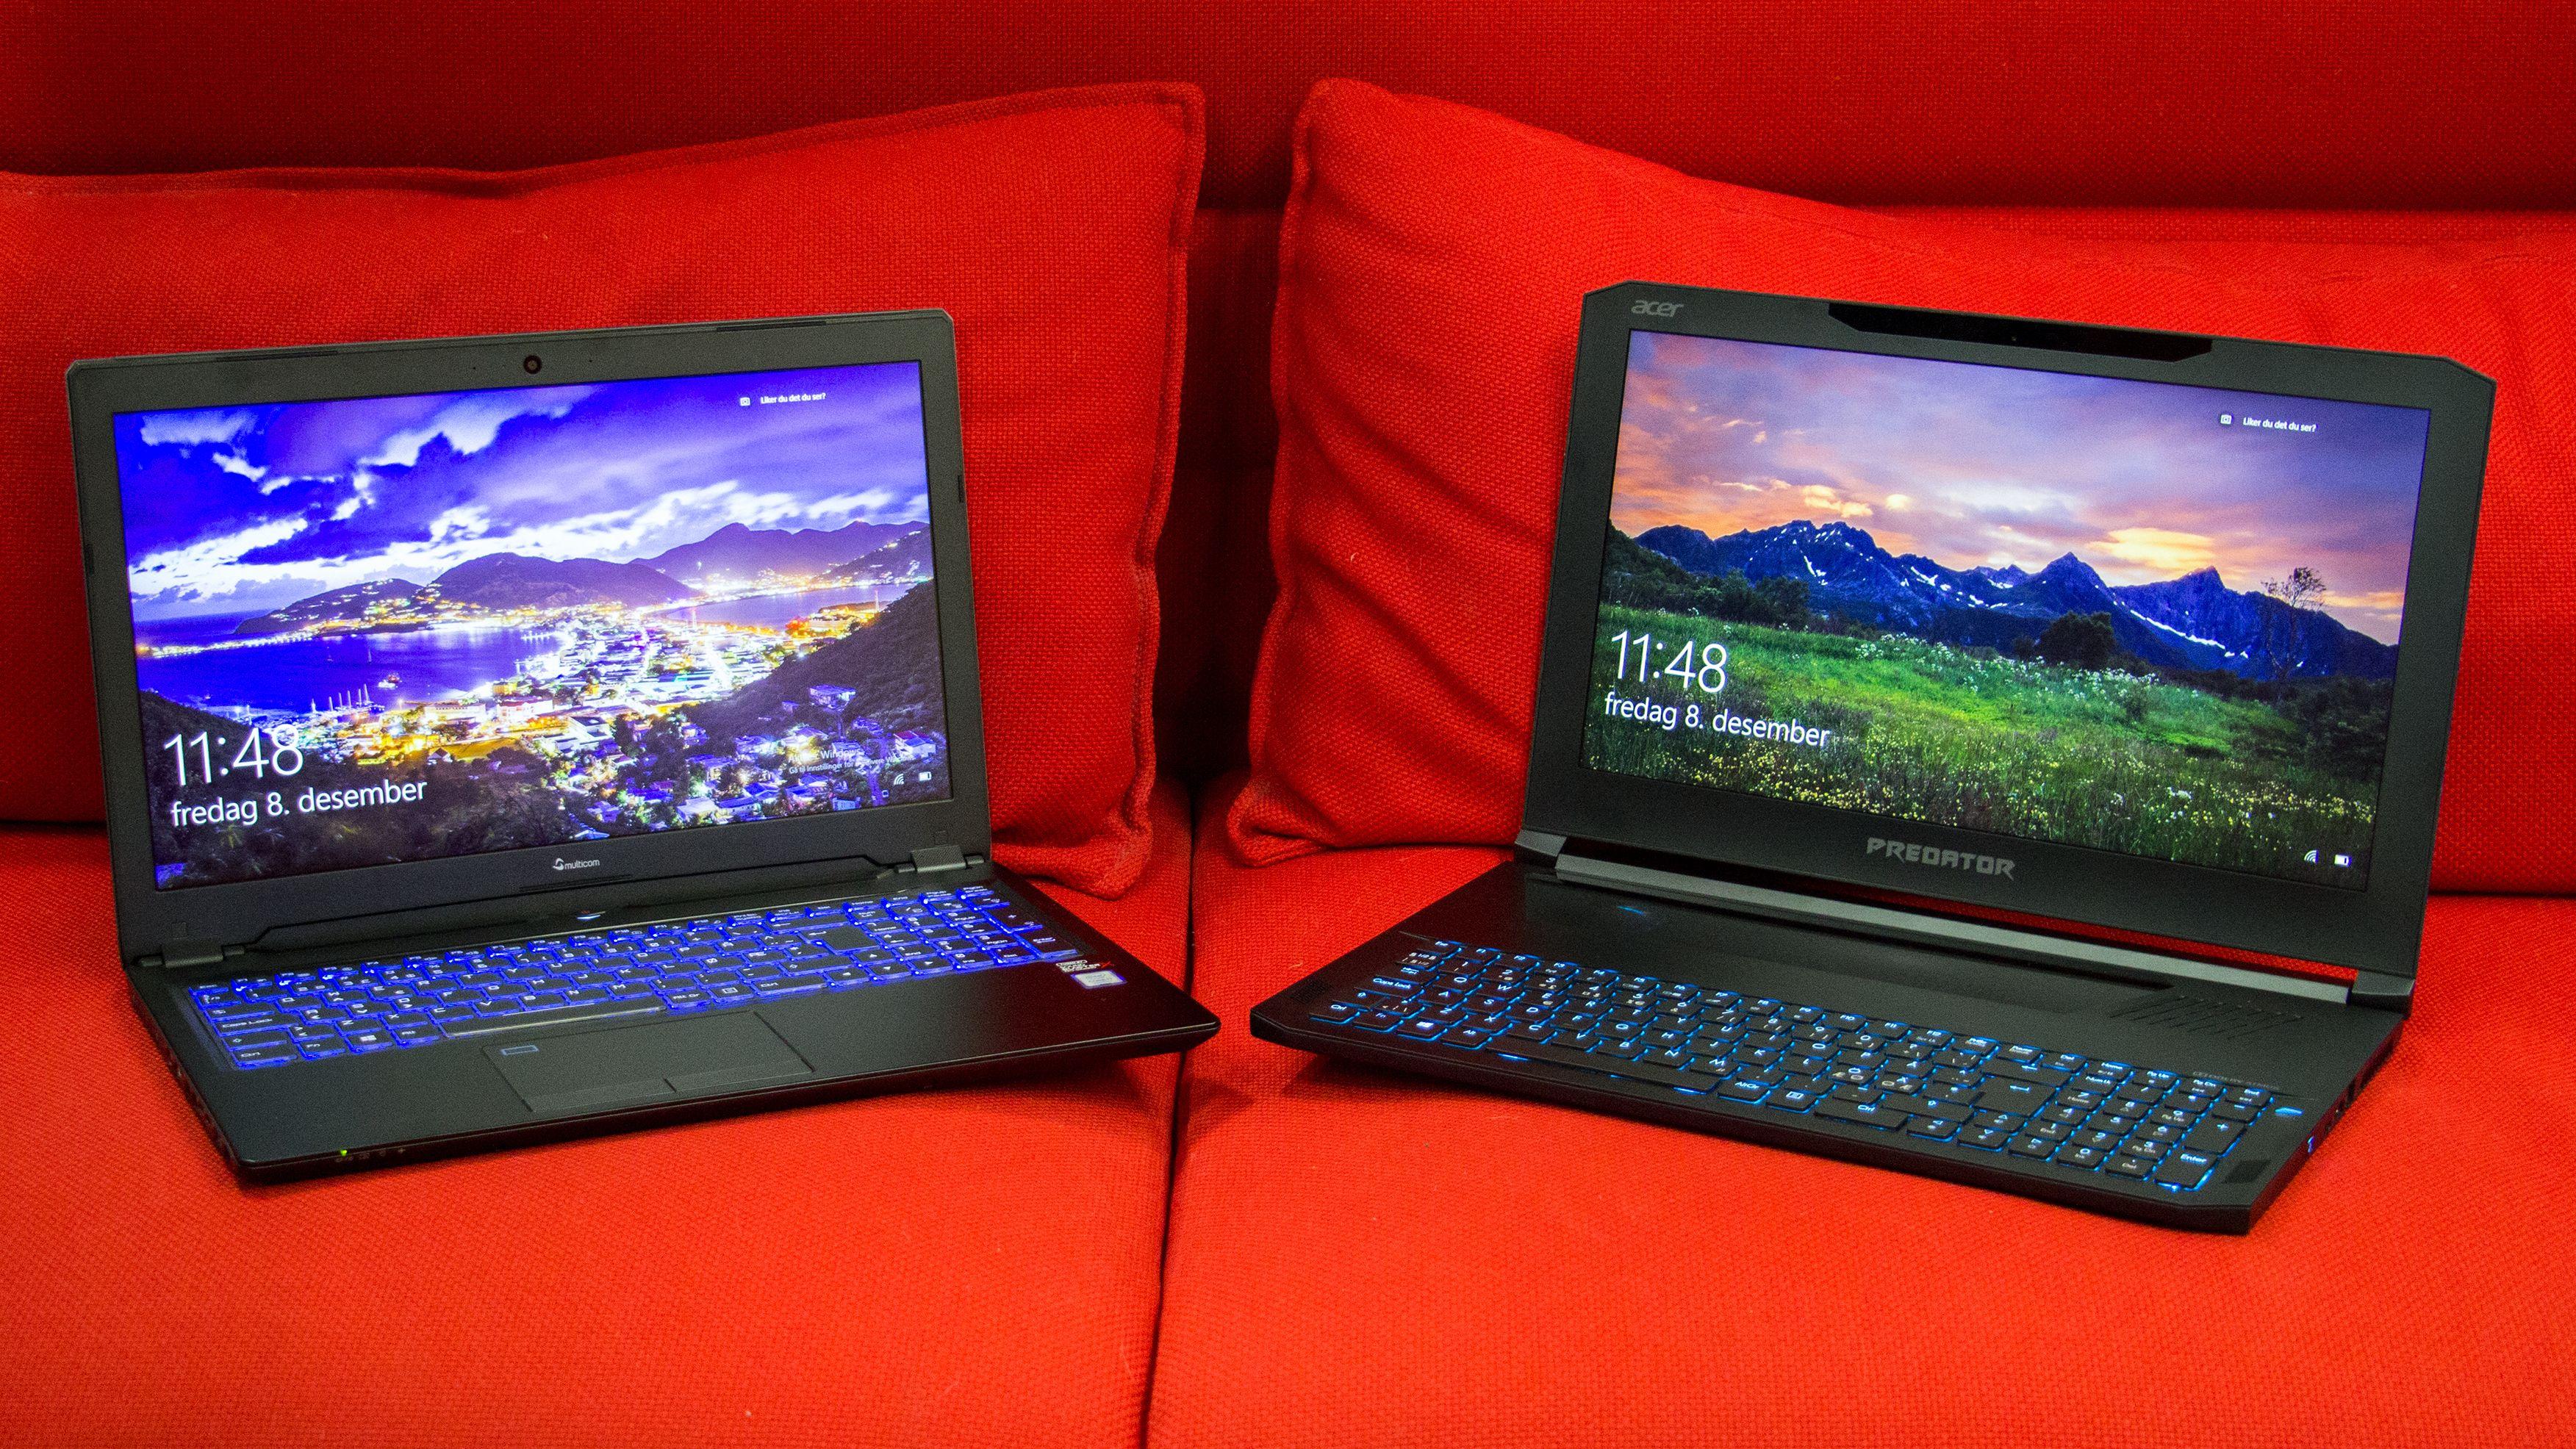 Multicom Kunshan P950 og Acer Predator Triton 700